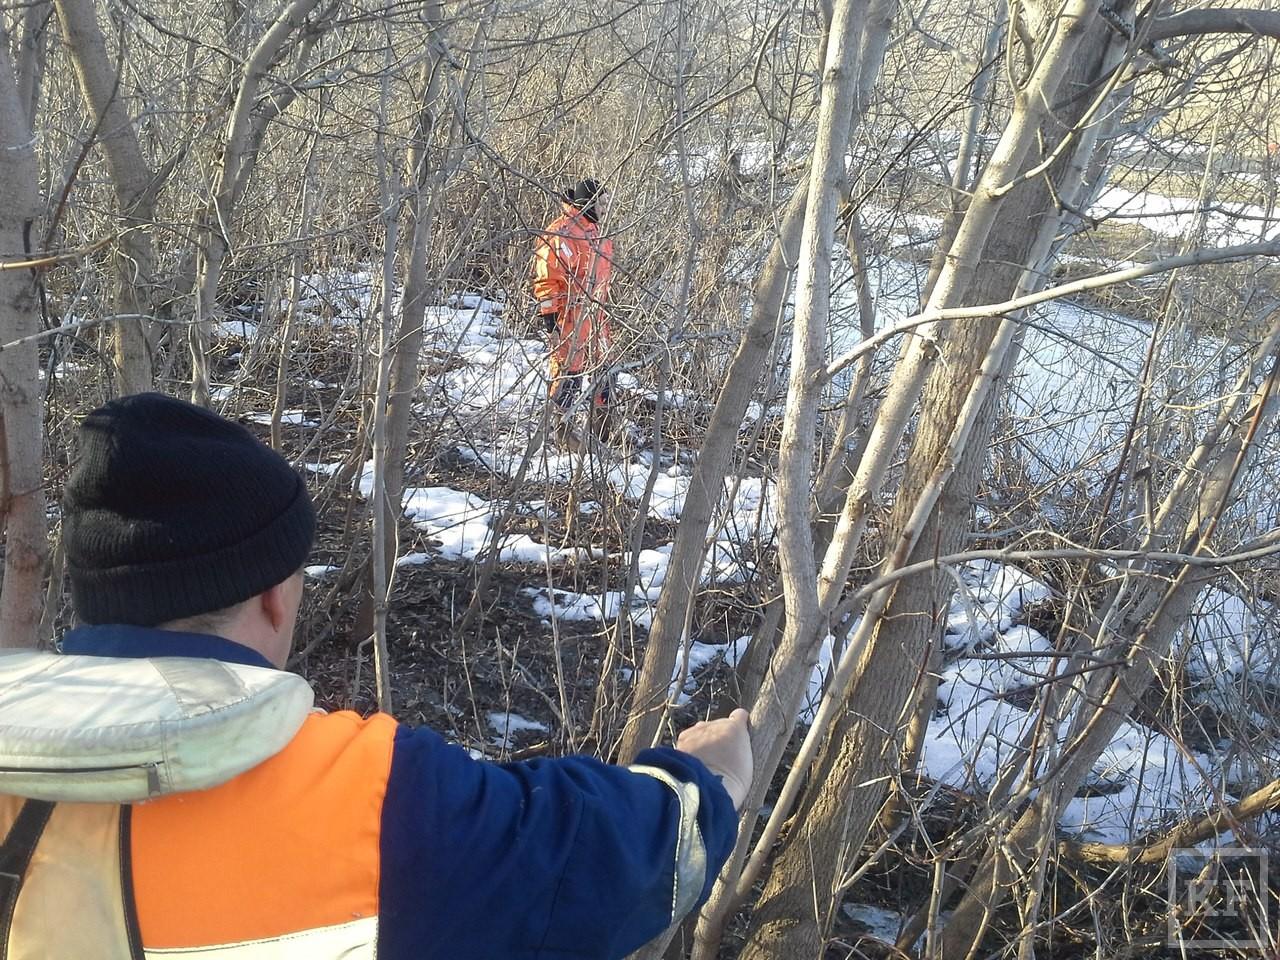 В Татарстане утонул 5-летний мальчик, пытавшийся перейти реку